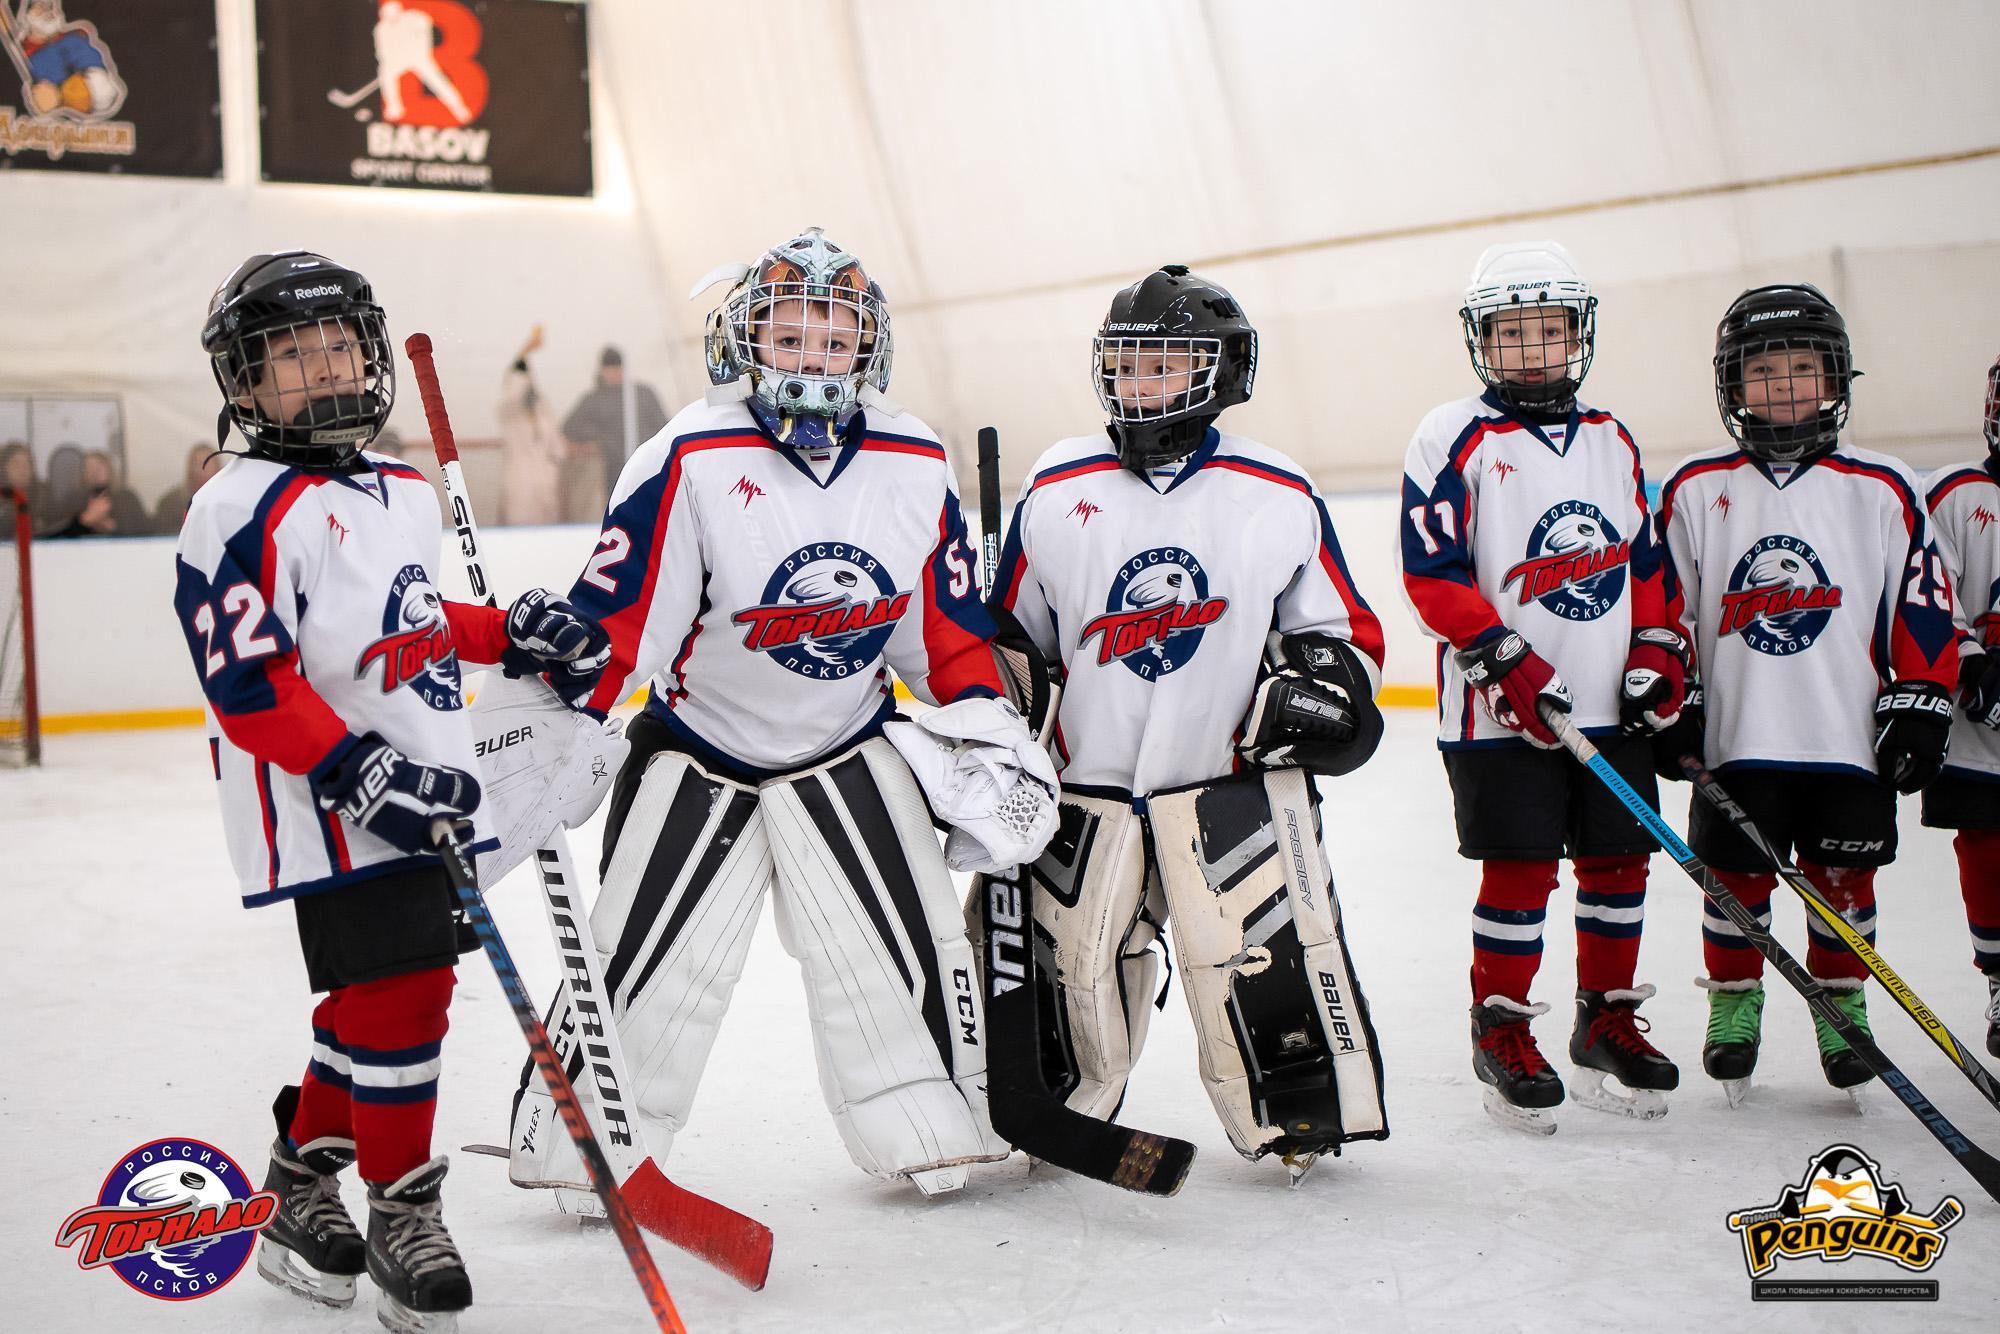 Фото предоставлено родителями детей, которые занимаются хоккеем в Пскове